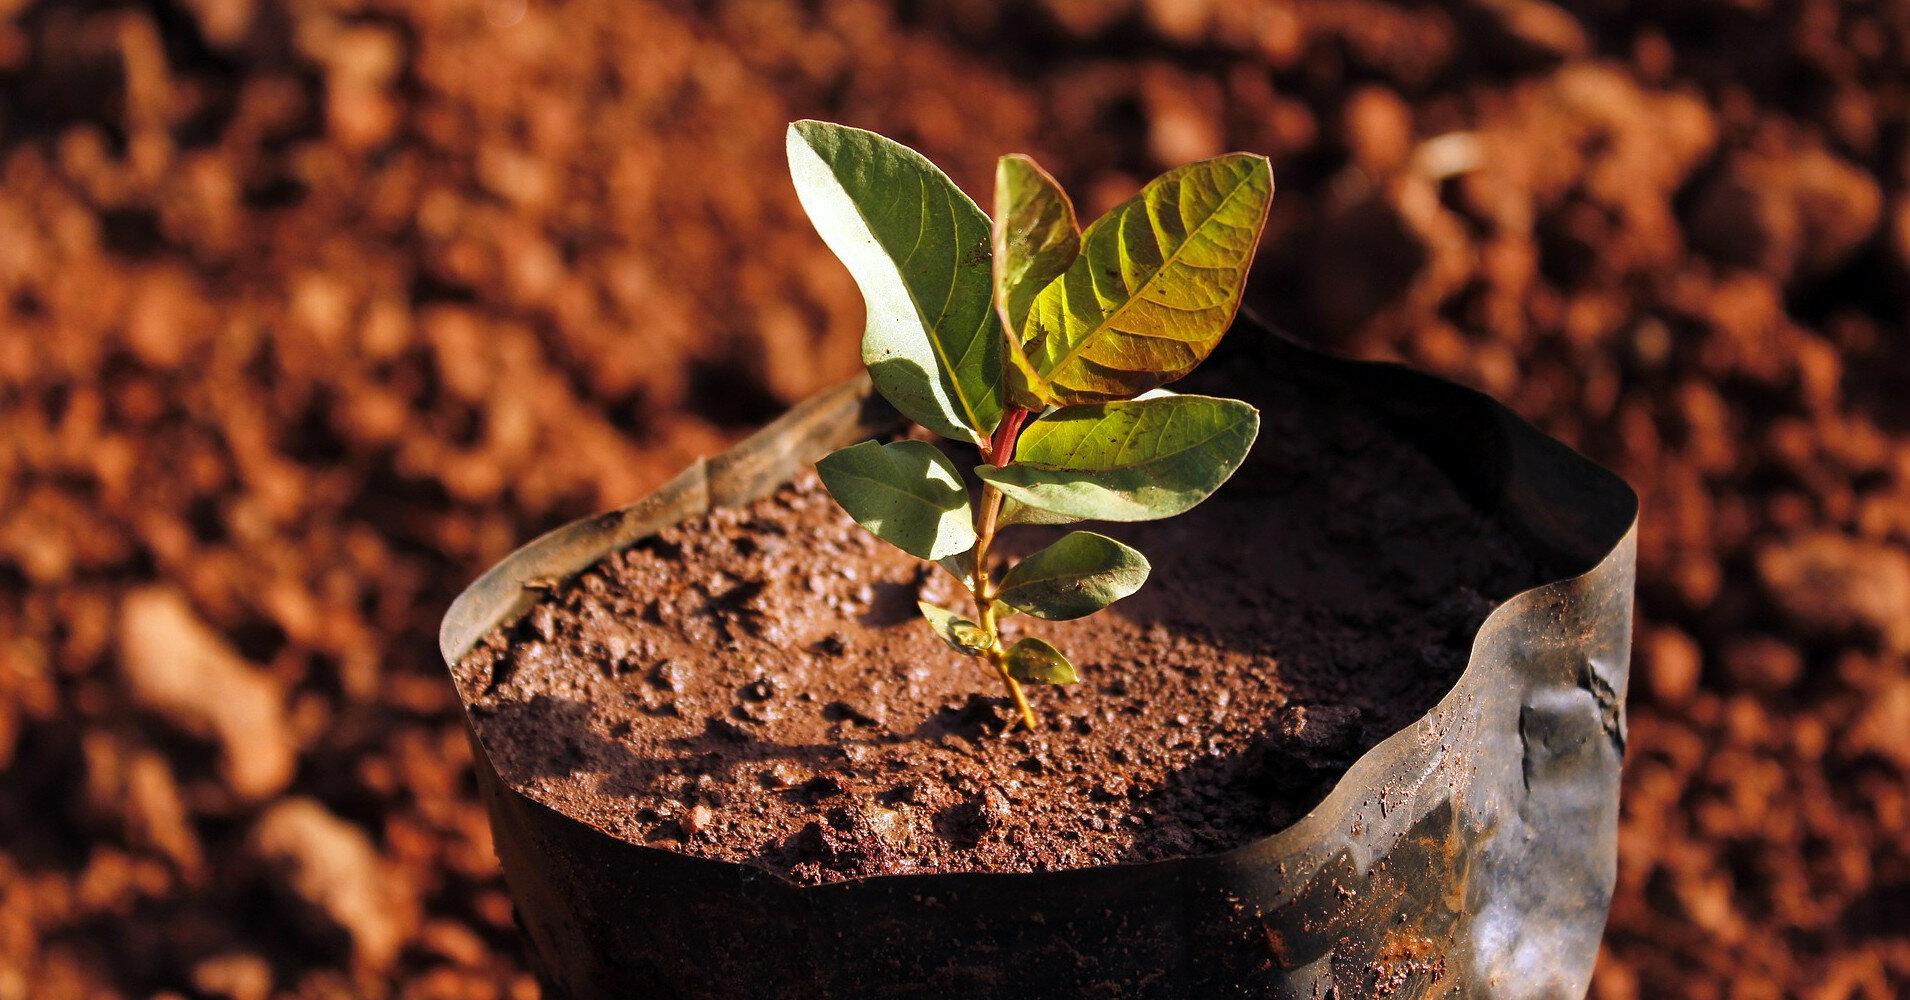 Бюджет проекта по высадке деревьев составит 2 млрд грн